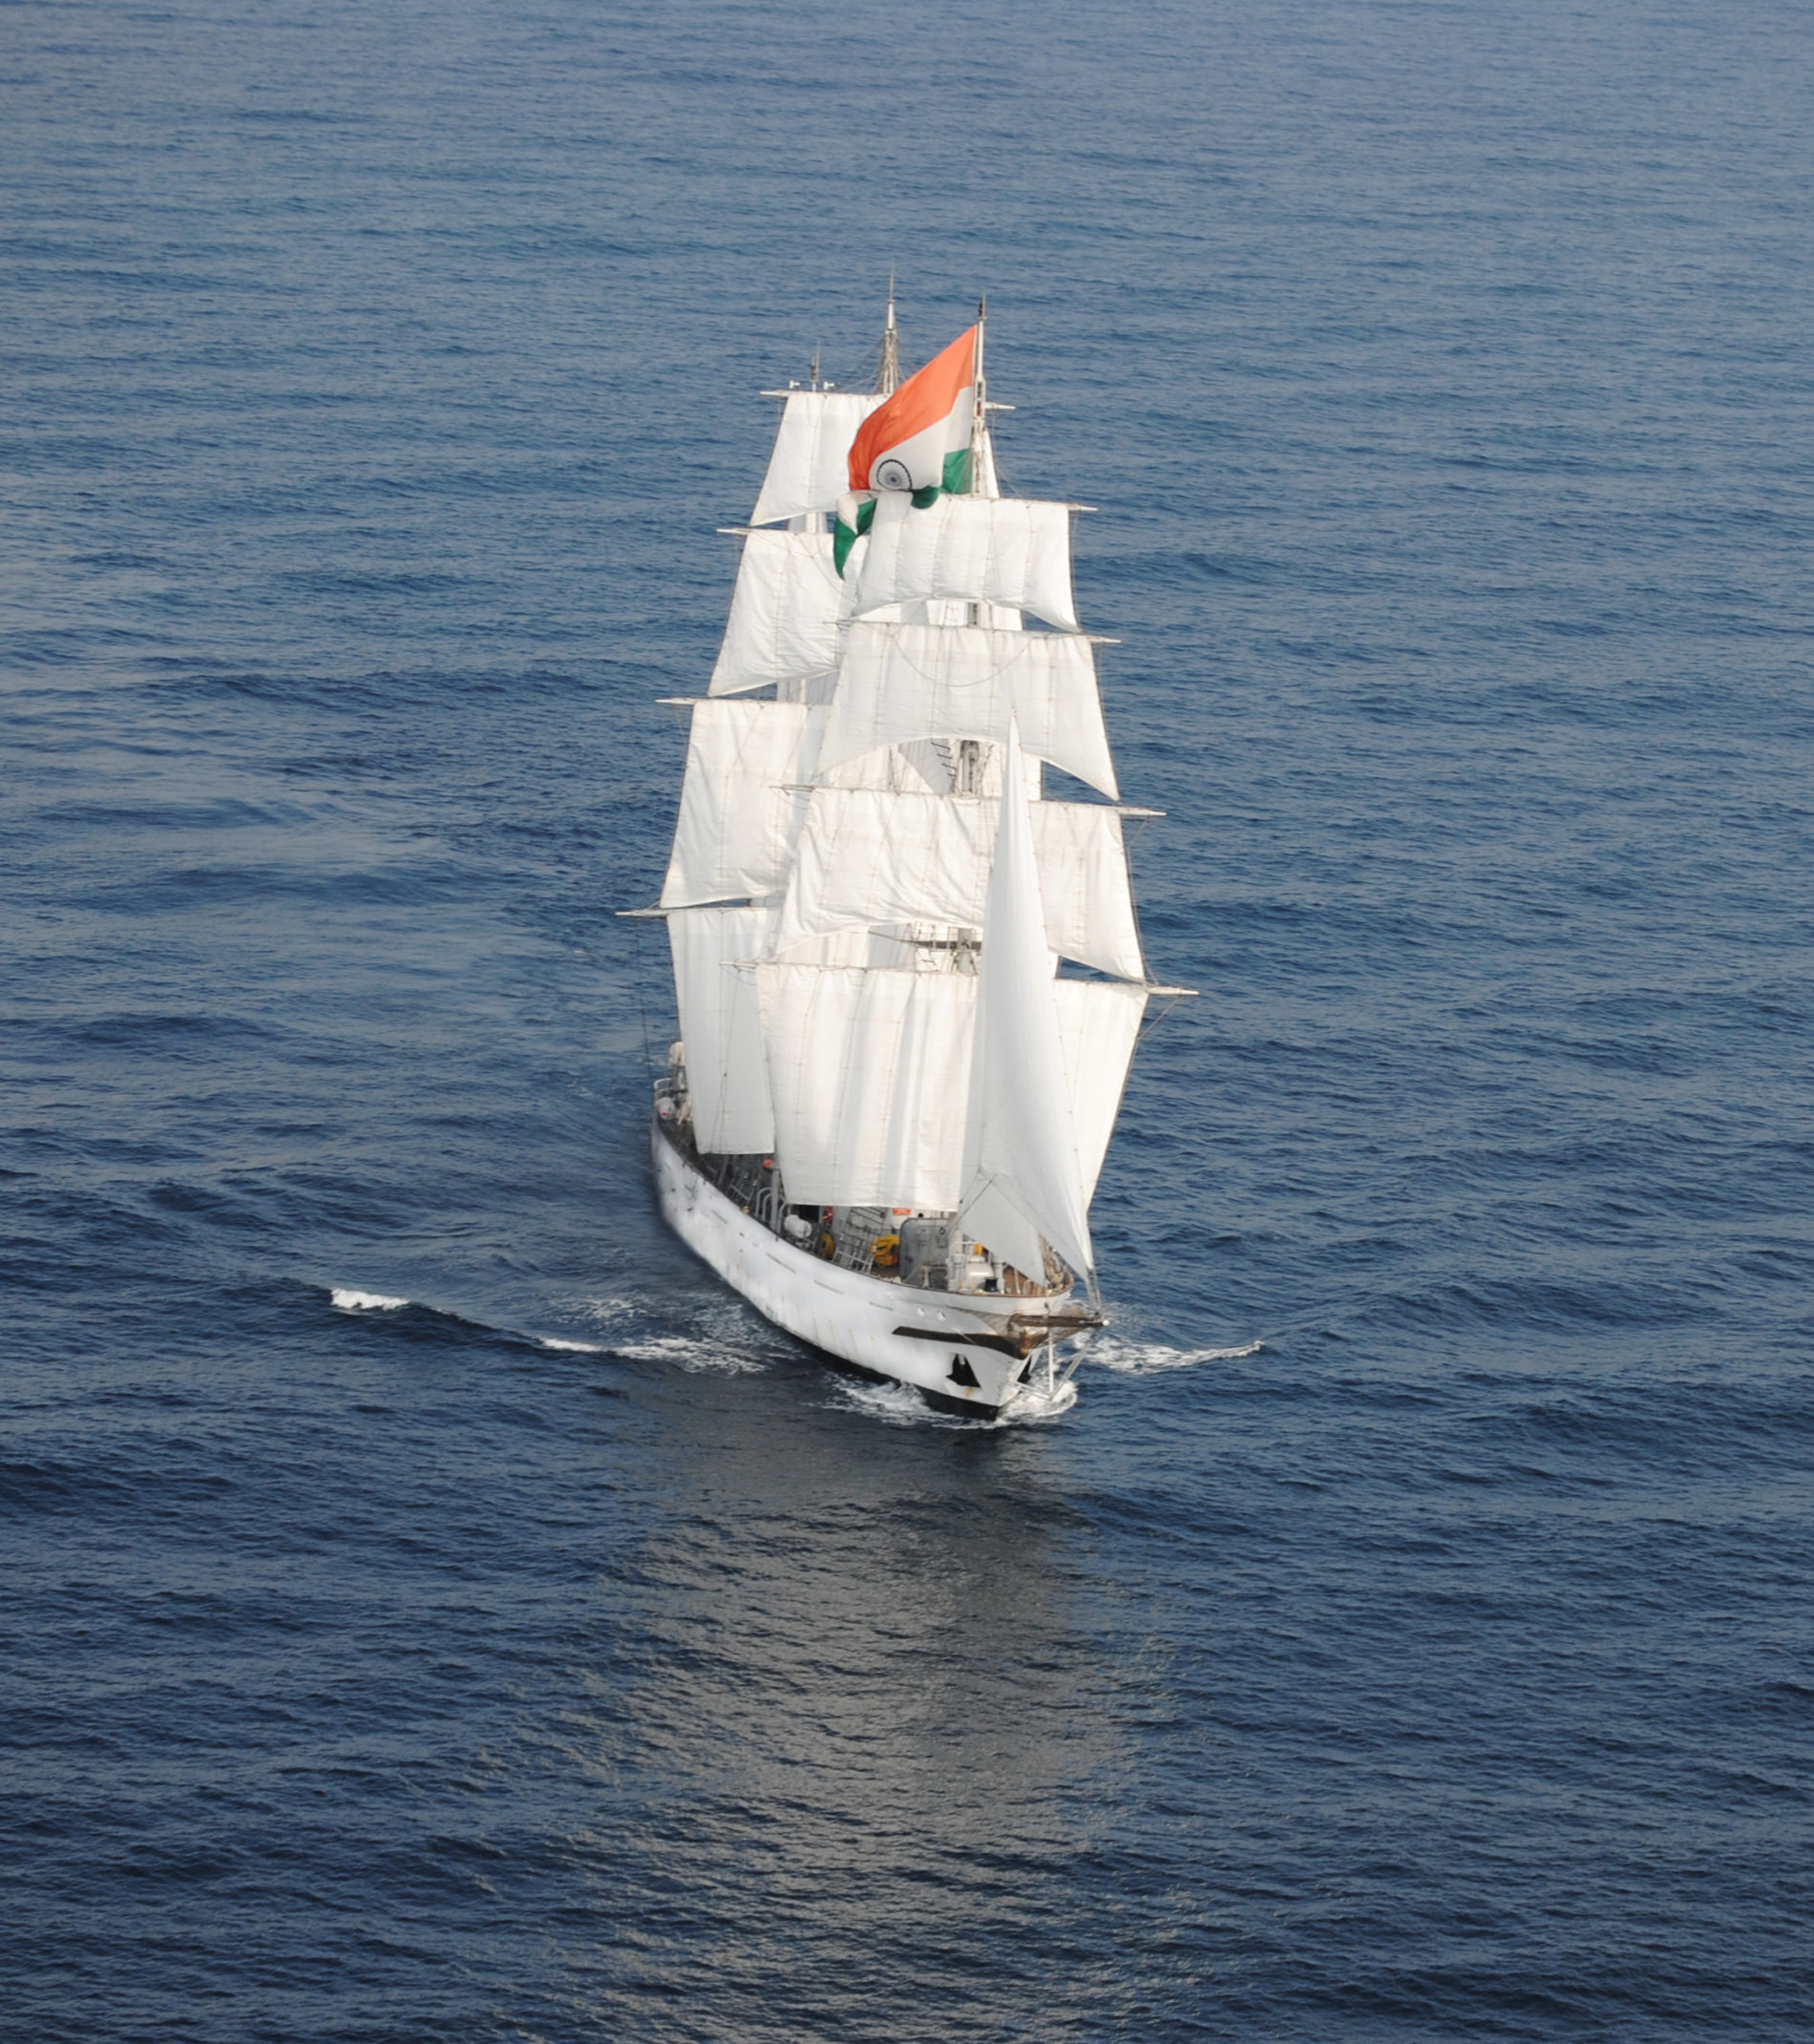 Zeilschip Tarangini  uit India in het midden van de oceaan